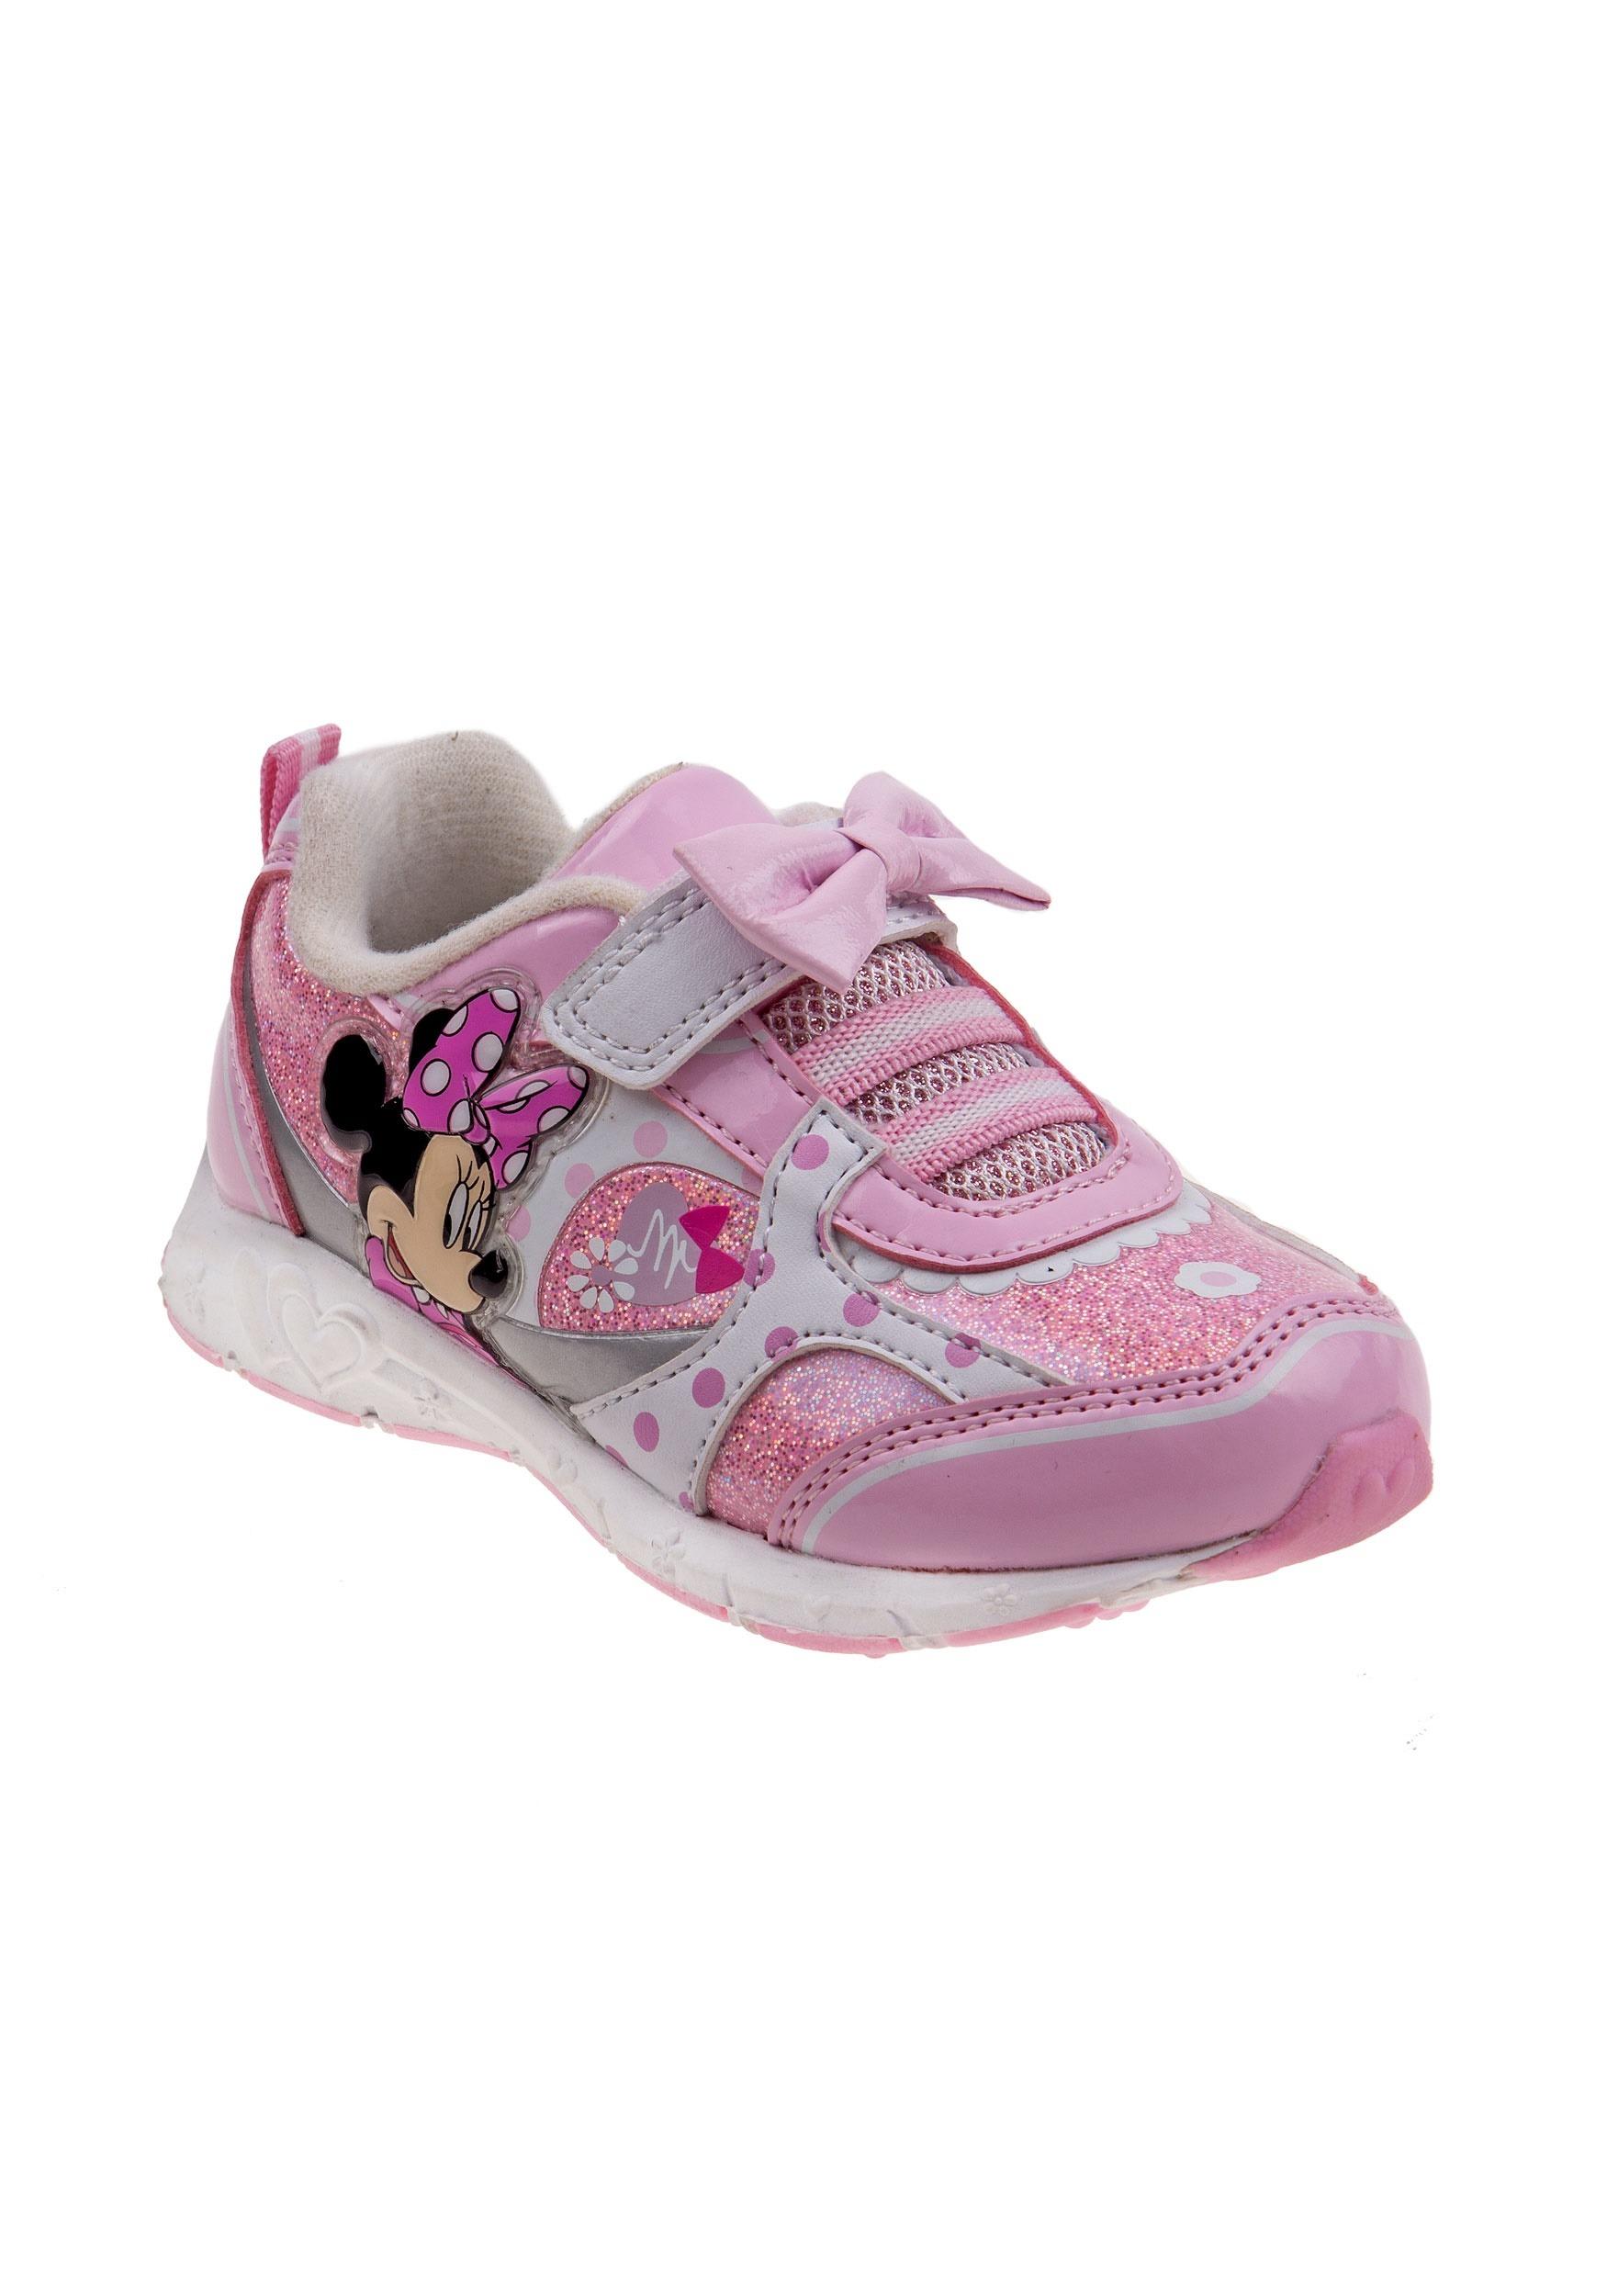 Pink-Glitter Minnie Bowtique Disney Girls Light-up Sneaker Shoe